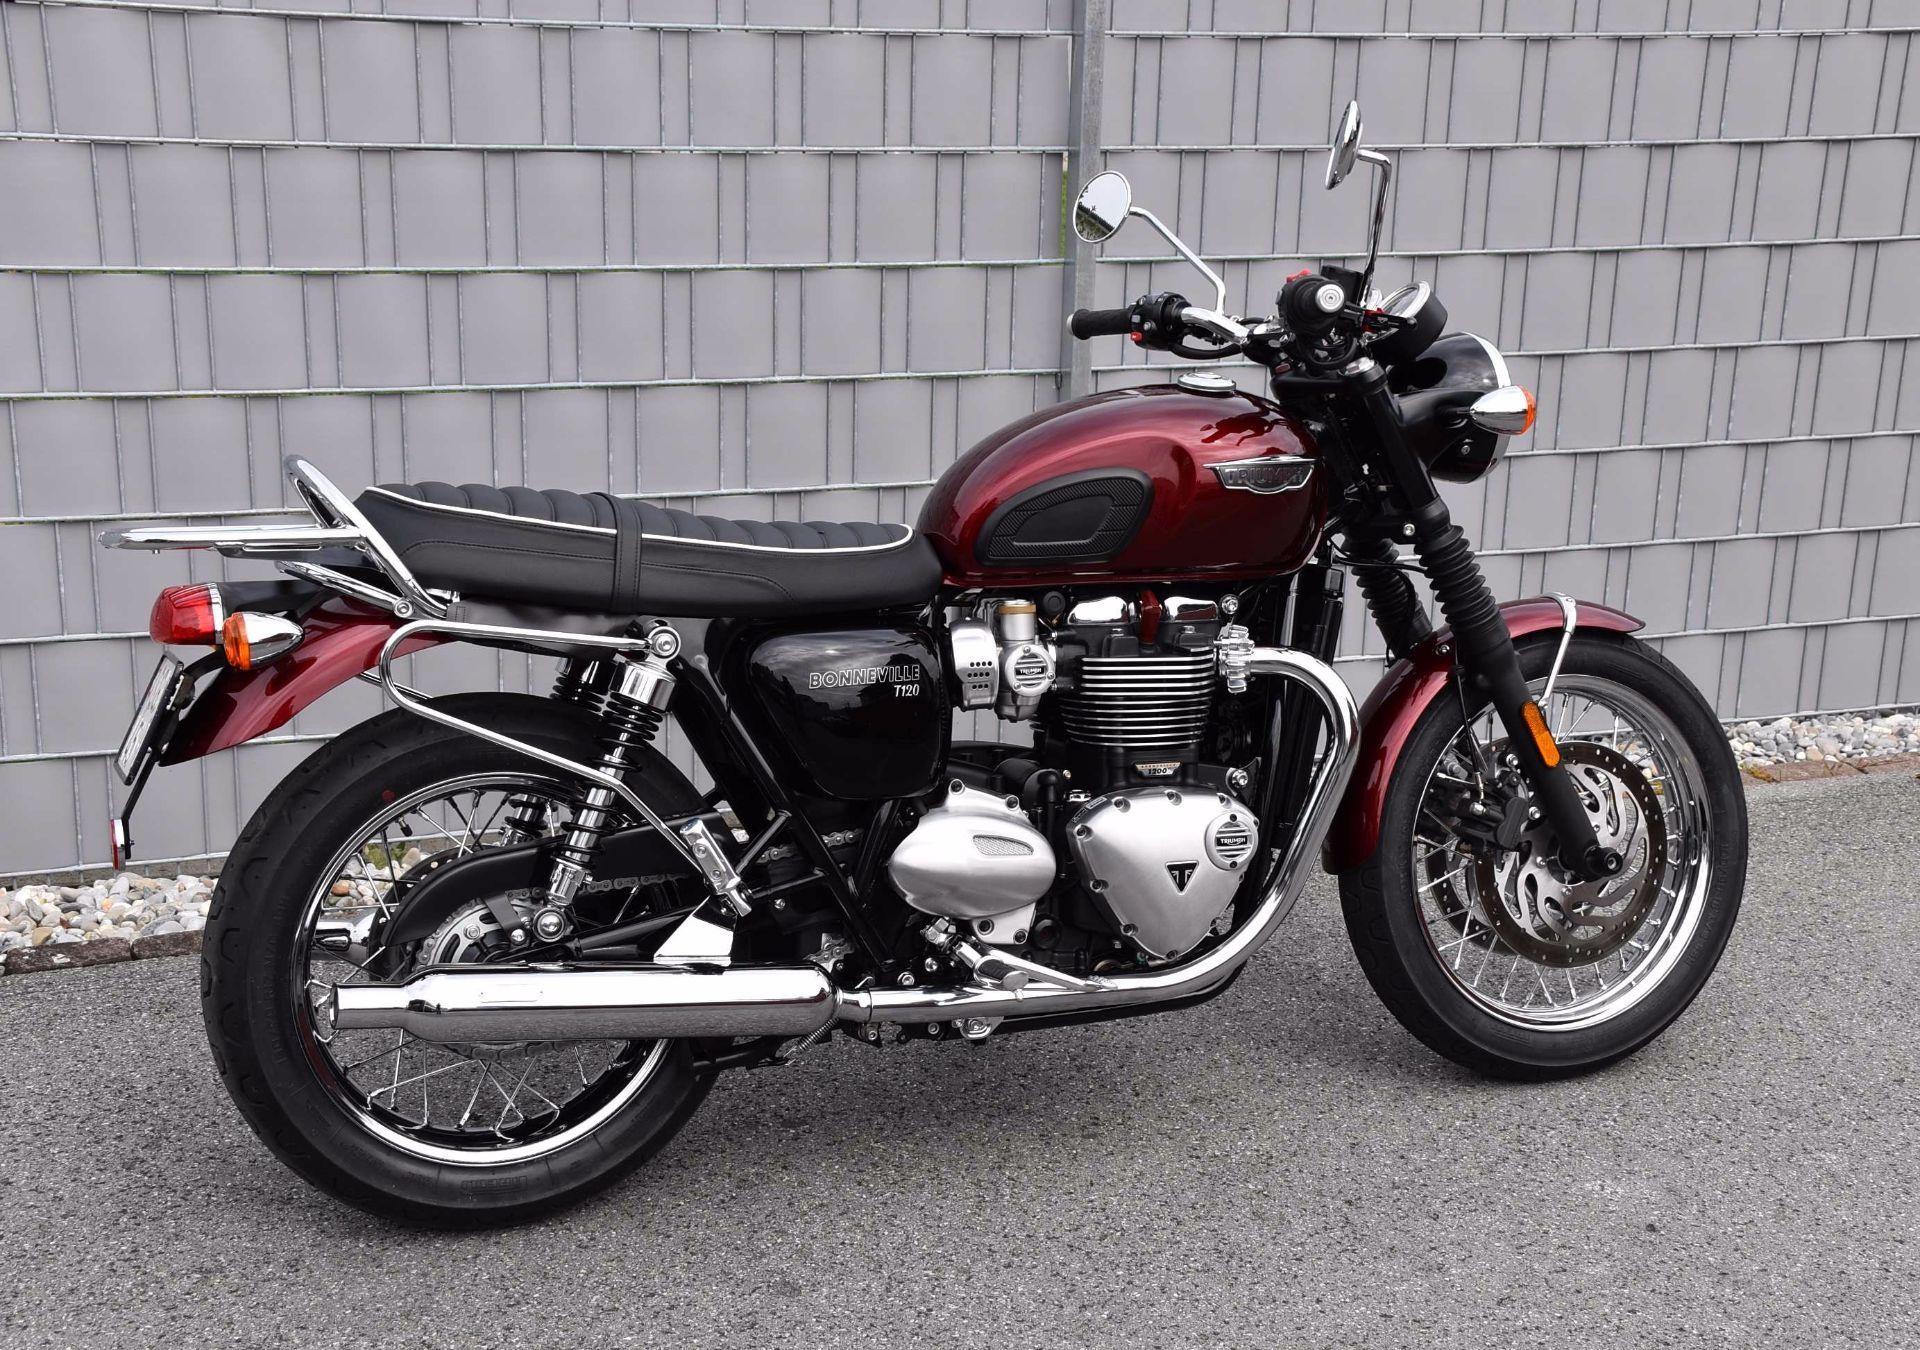 moto occasioni acquistare triumph bonneville t120 1200 abs st dler motos ag widnau. Black Bedroom Furniture Sets. Home Design Ideas